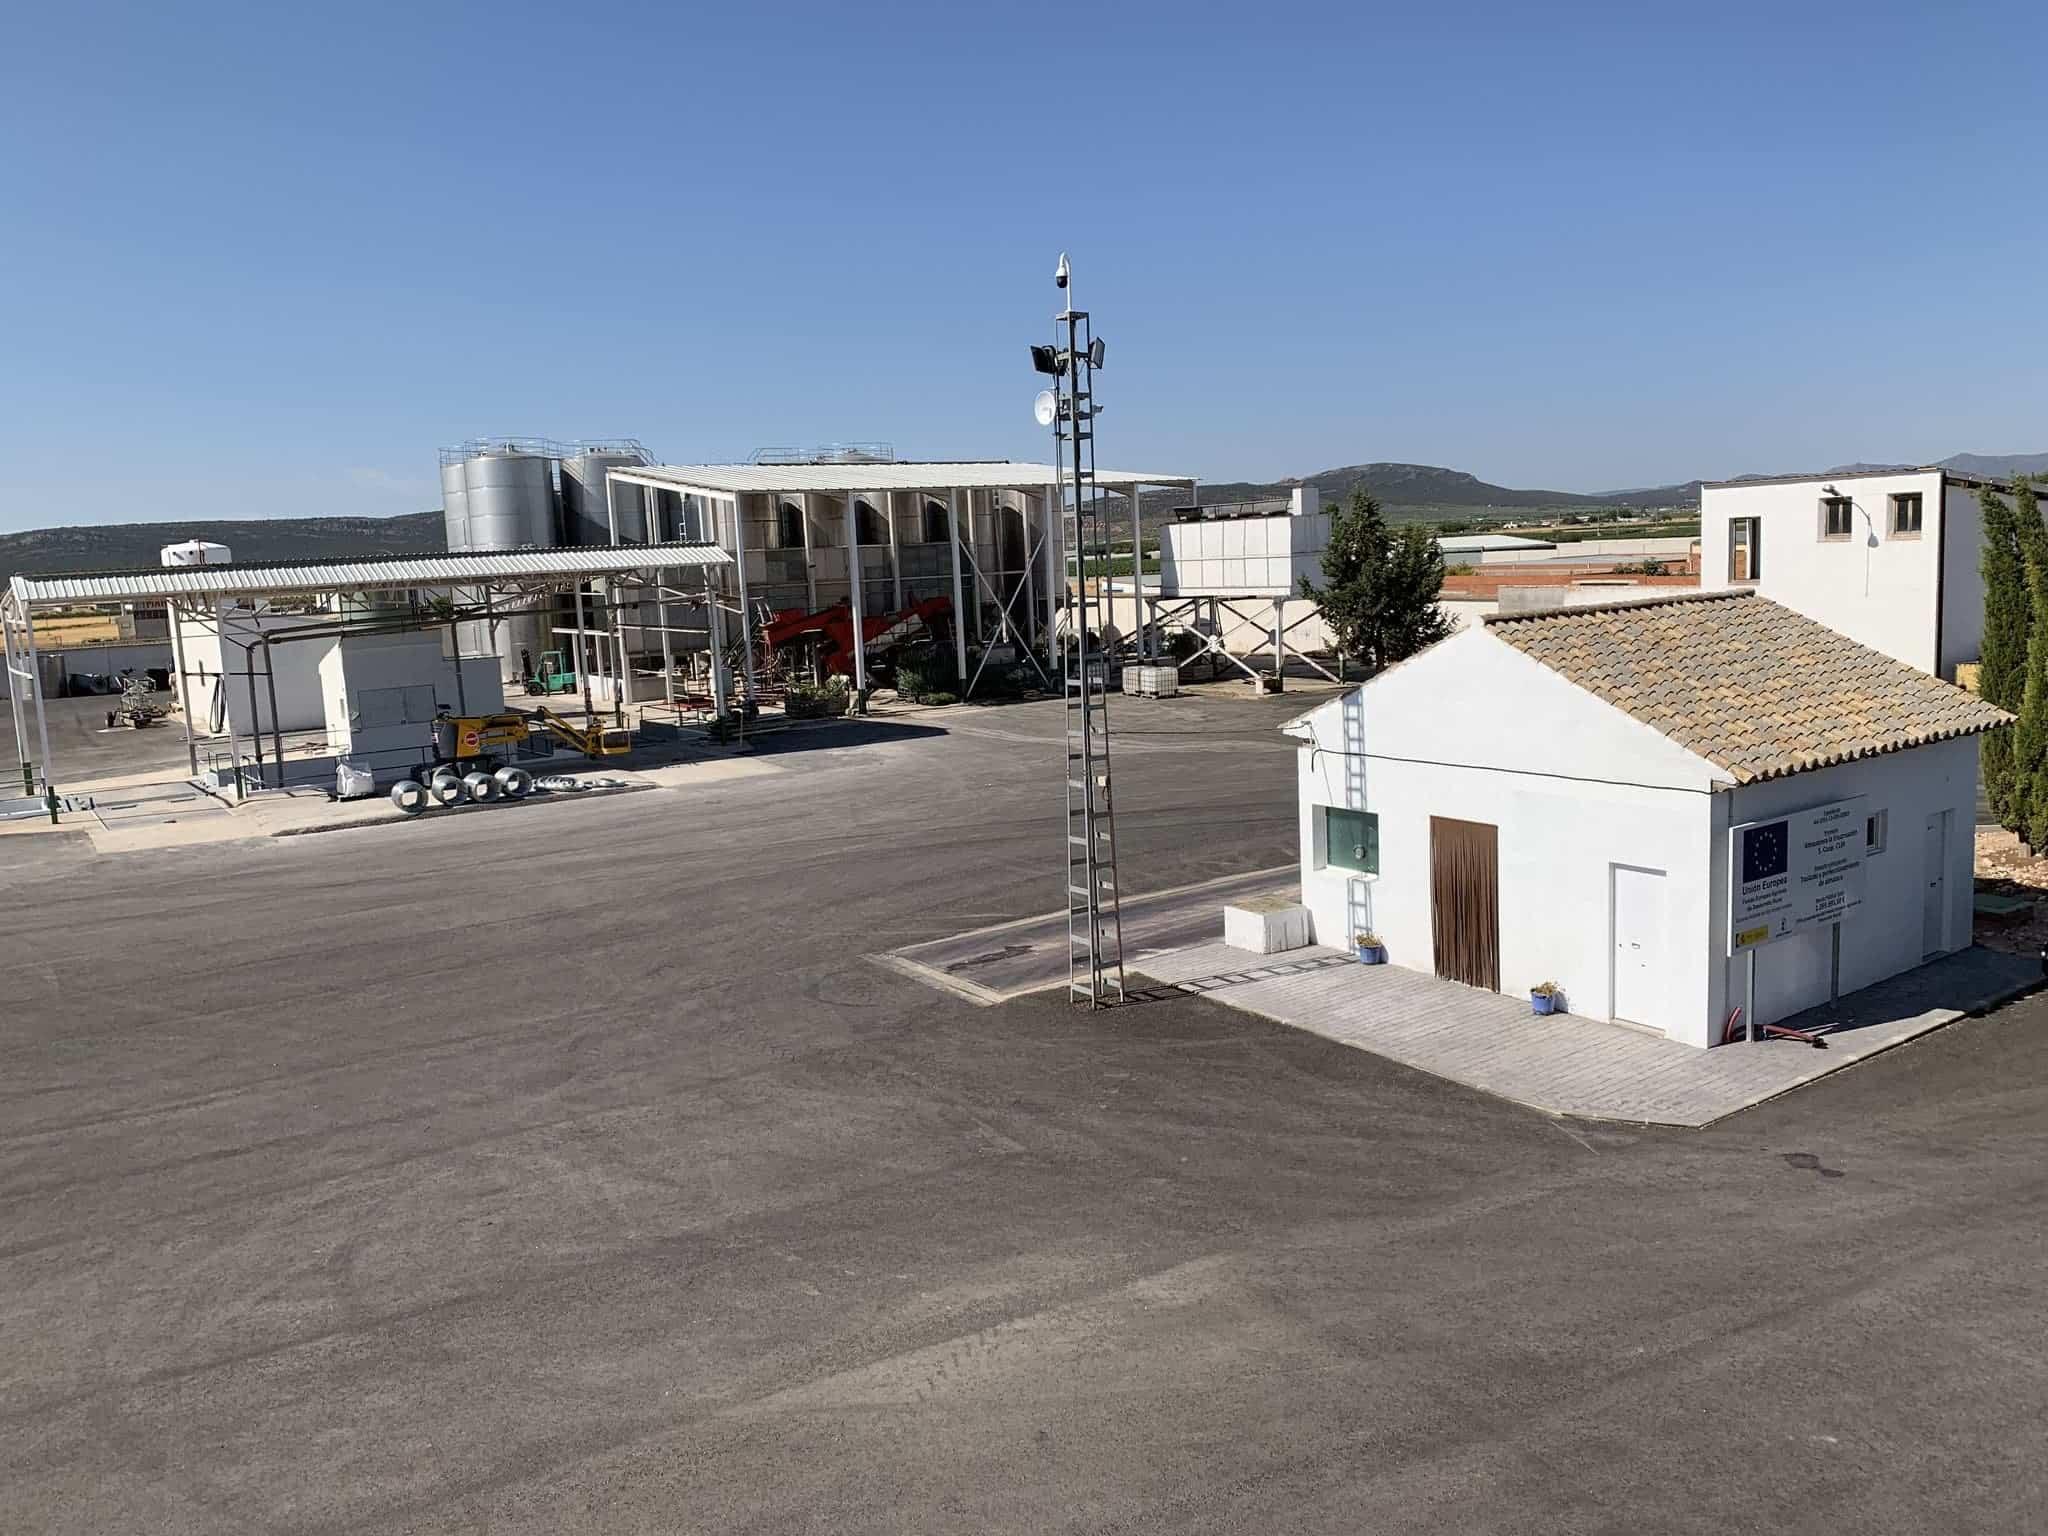 visita almazarera la encarnacion herencia 7 - Nuevas instalaciones de la Cooperativa Almazarera La Encarnación en Herencia